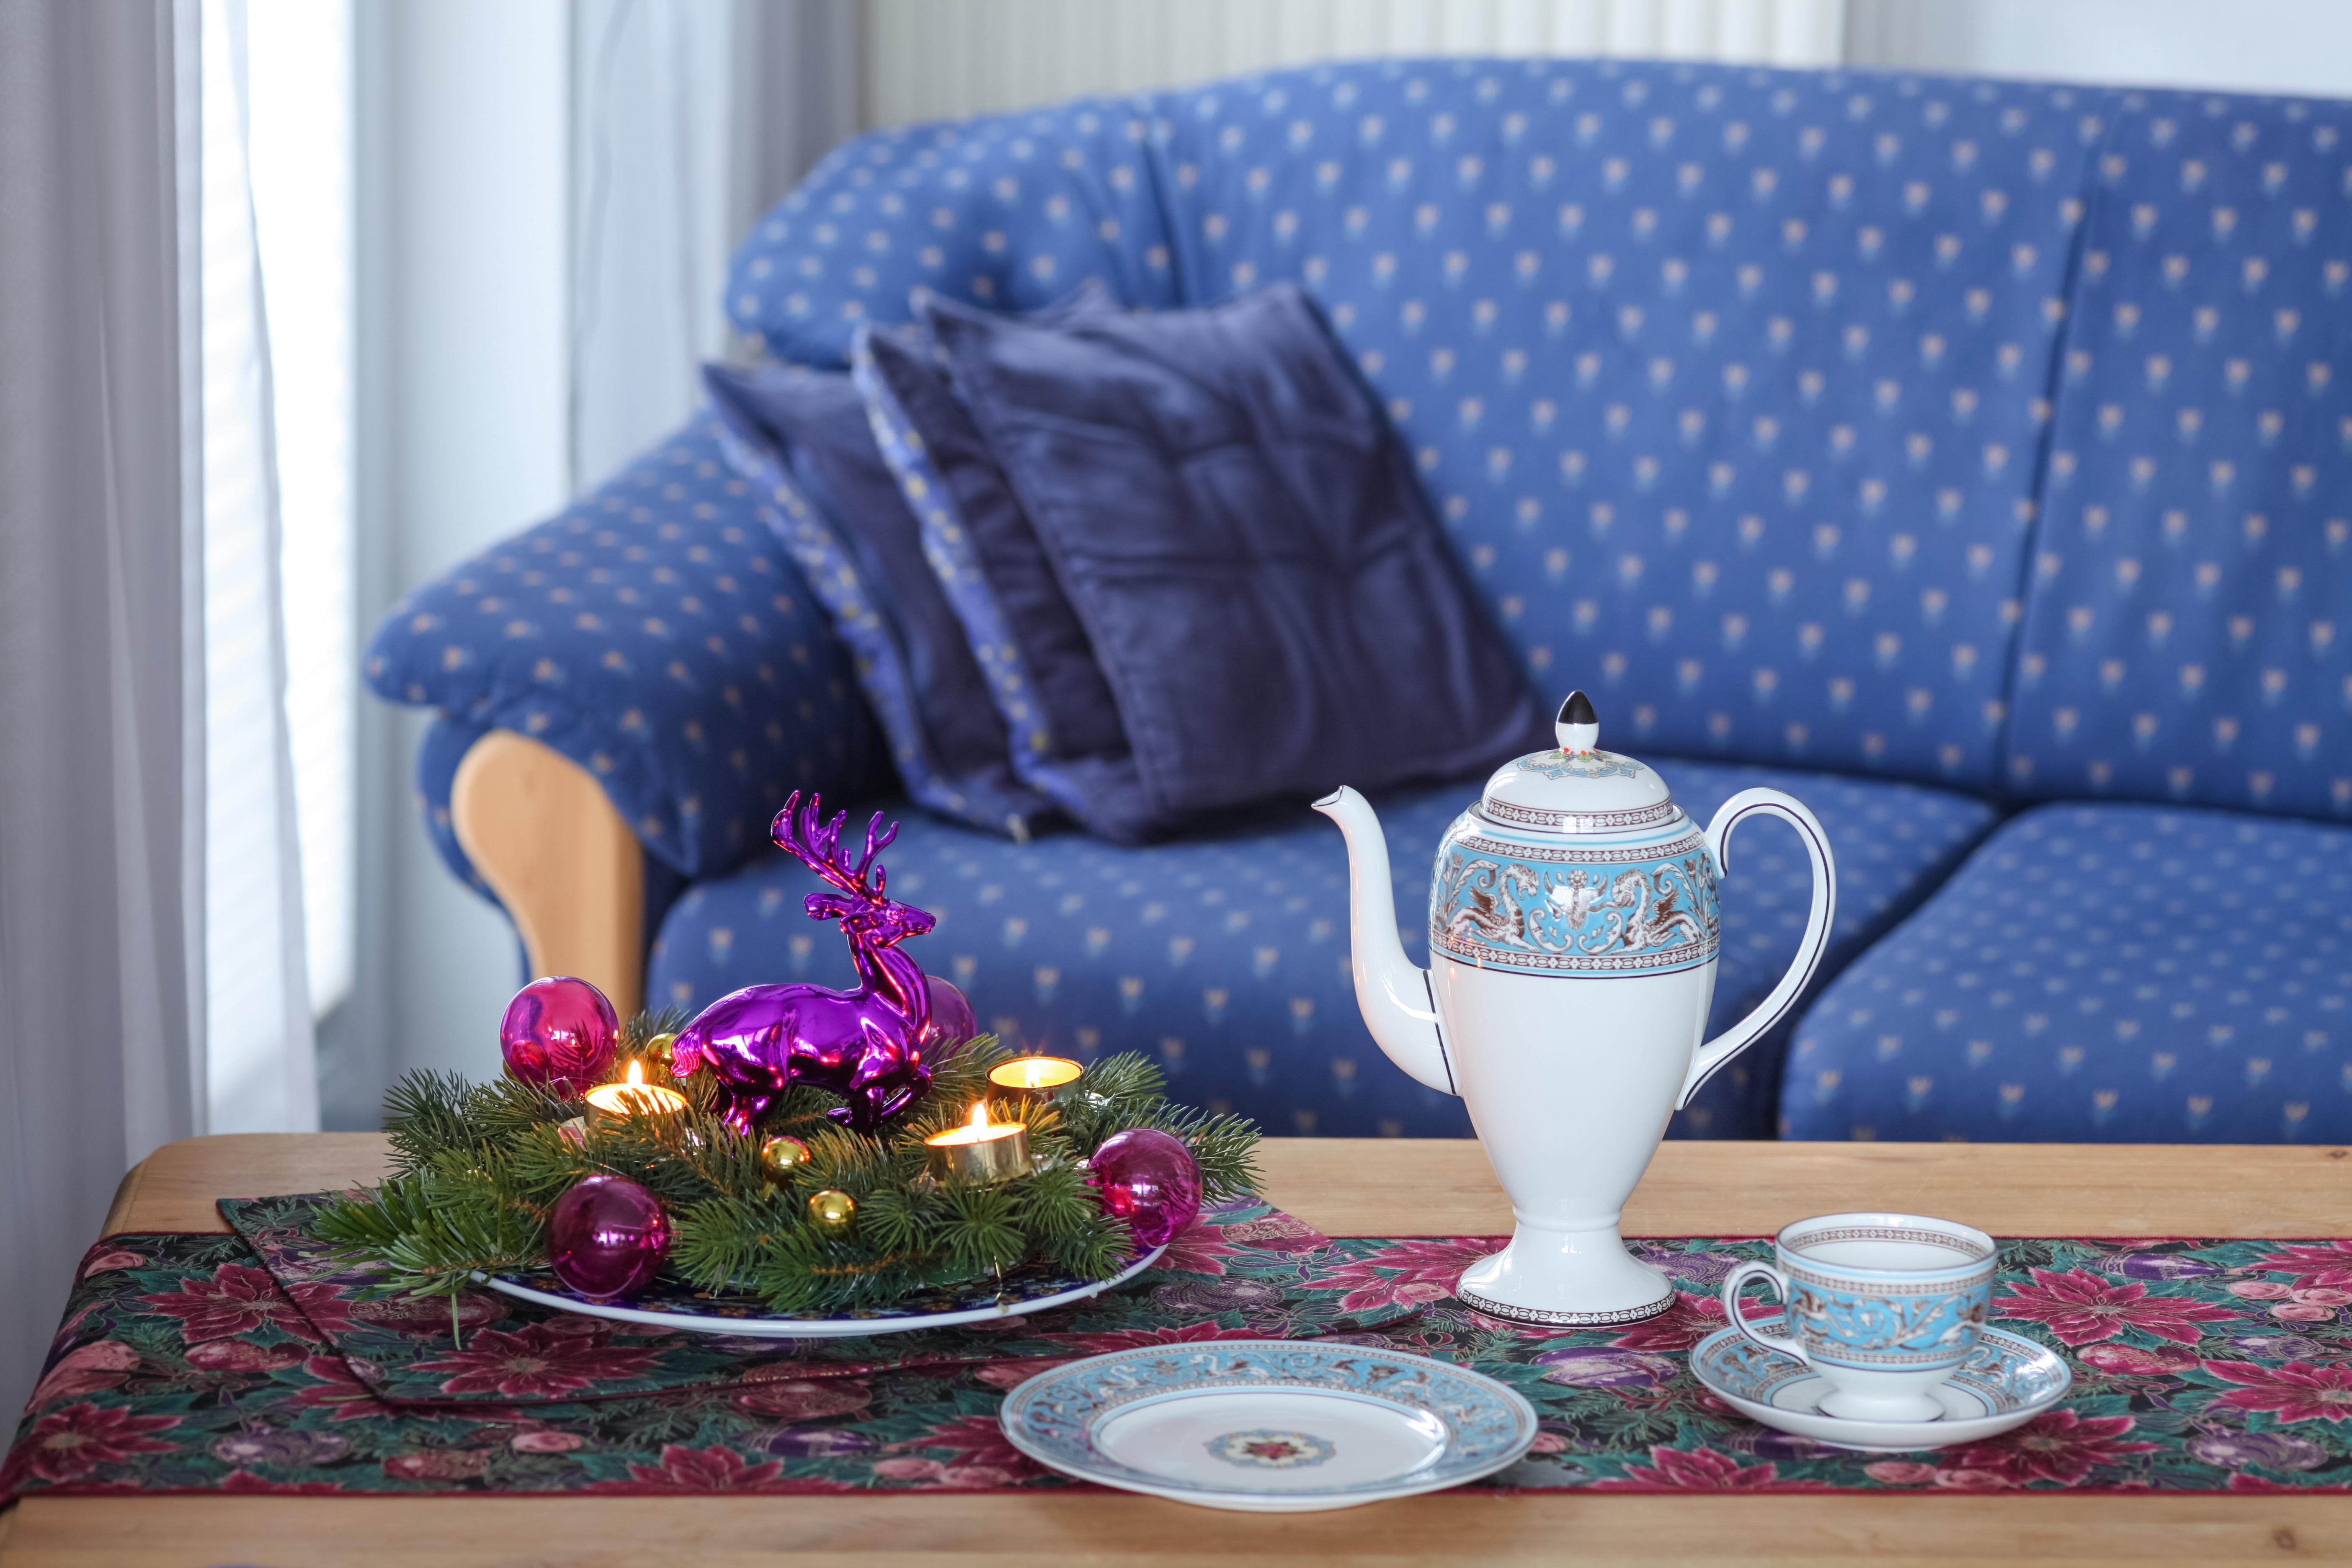 Tabelle Blume Tasse Muster Teller Gemütlich Blau Wohnzimmer Möbel Zimmer  Kerze Sofa Advent Entwurf Violett Kaffeetasse